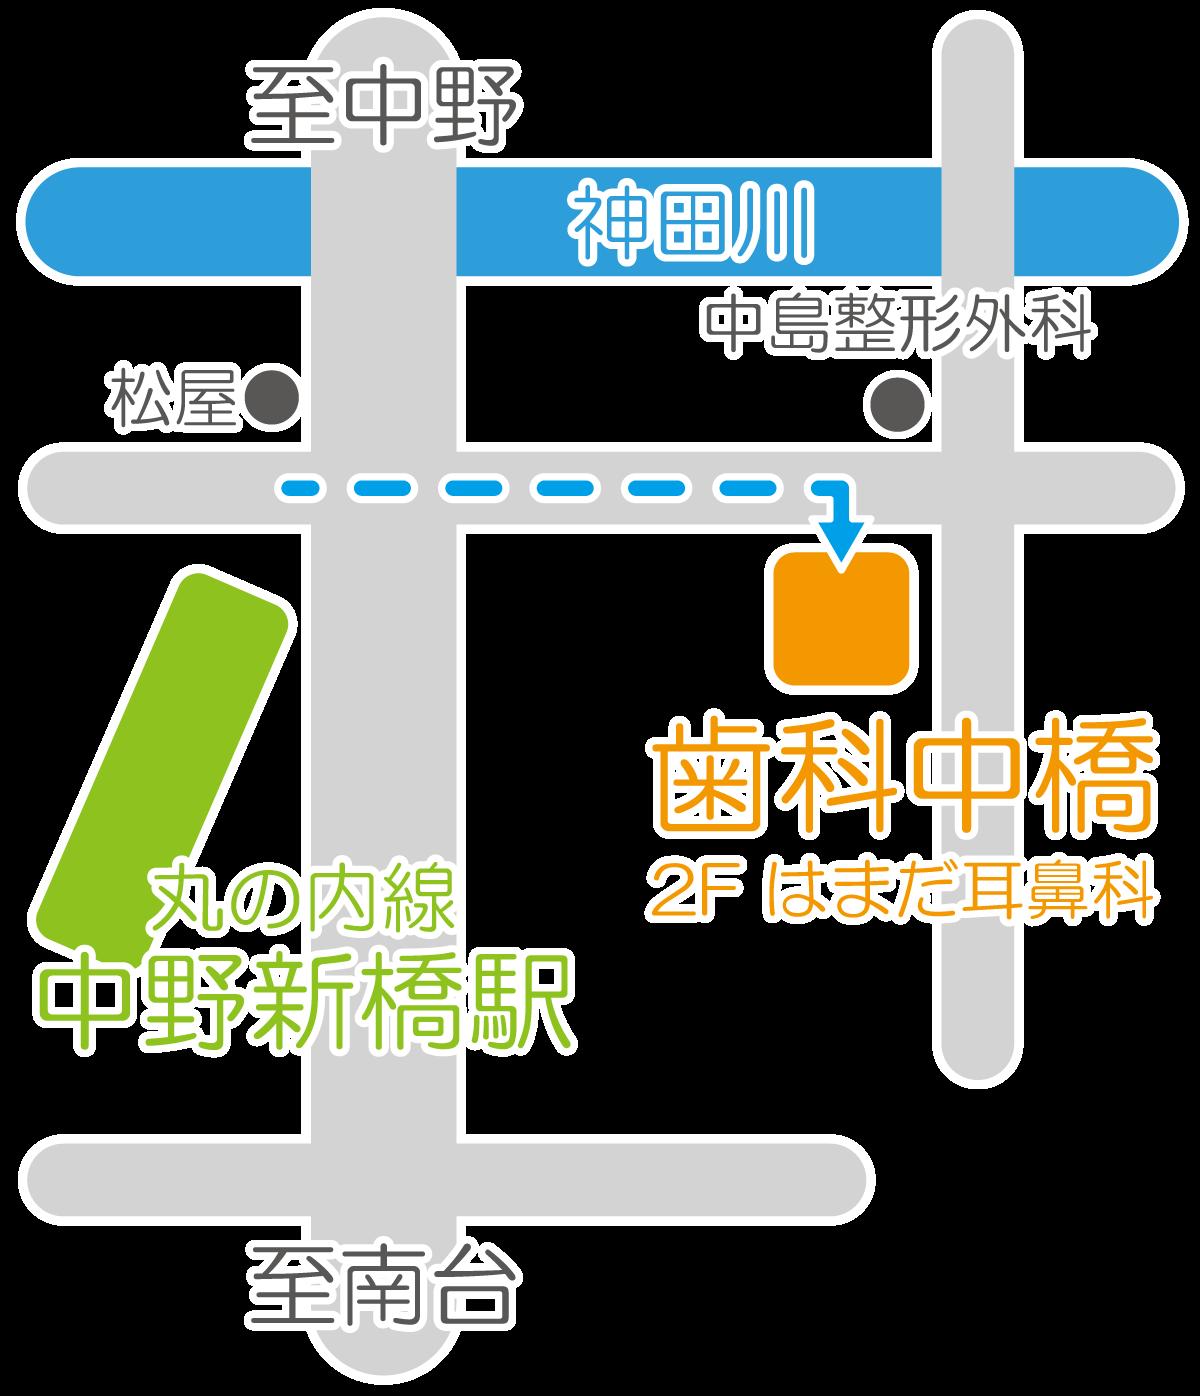 歯科中橋の地図